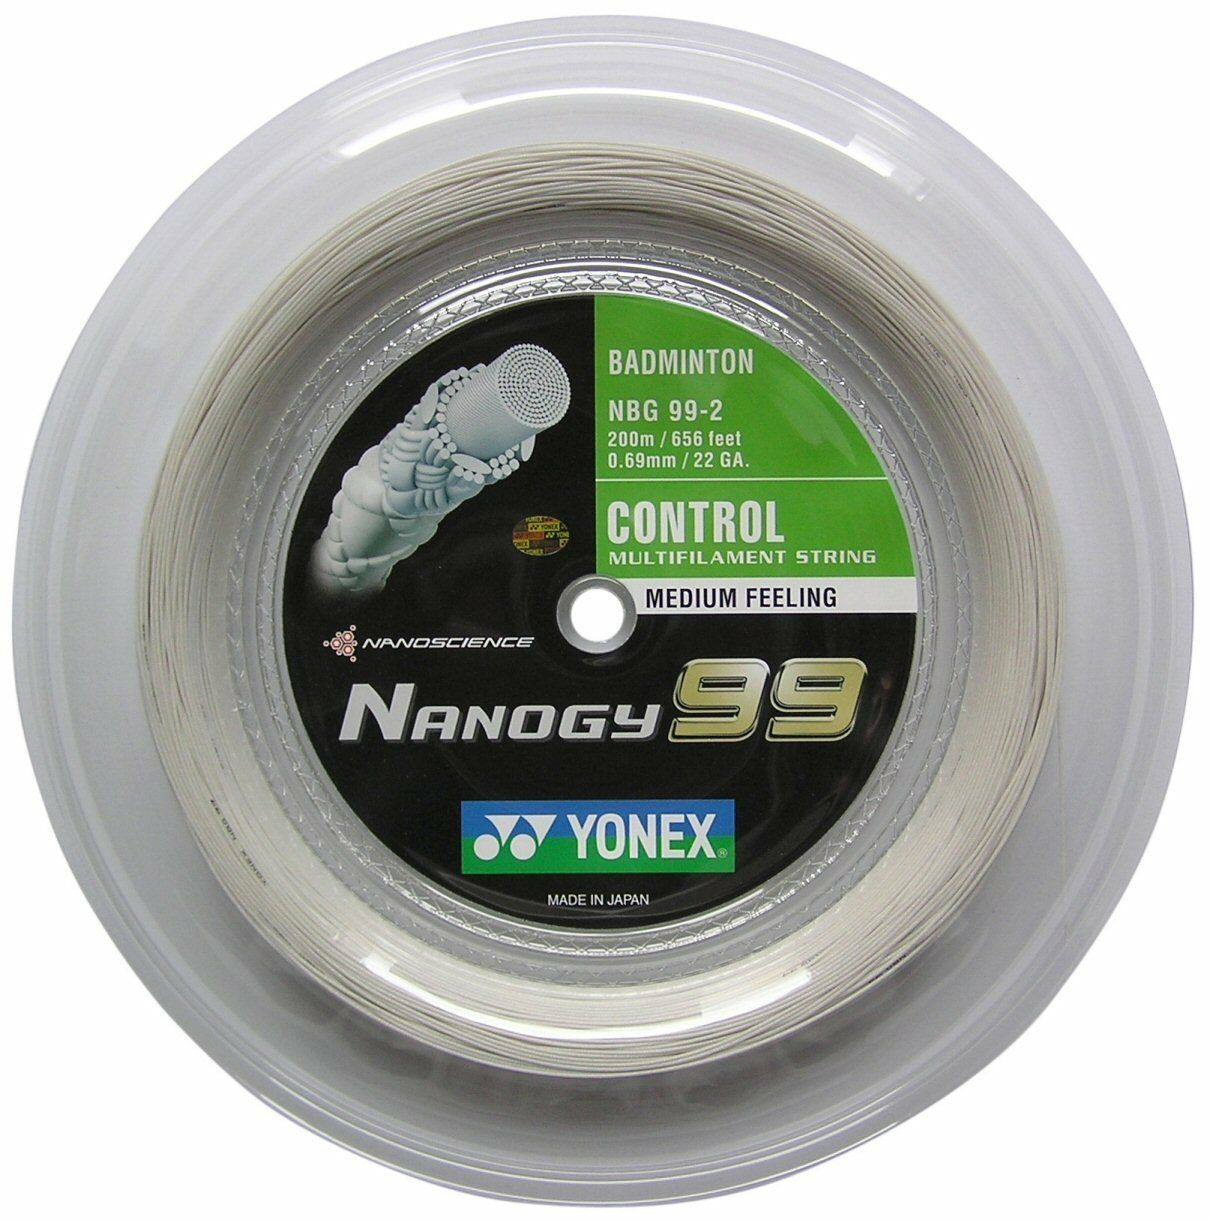 Yonex nanogy nanogy nanogy 99 200 metri e0488f